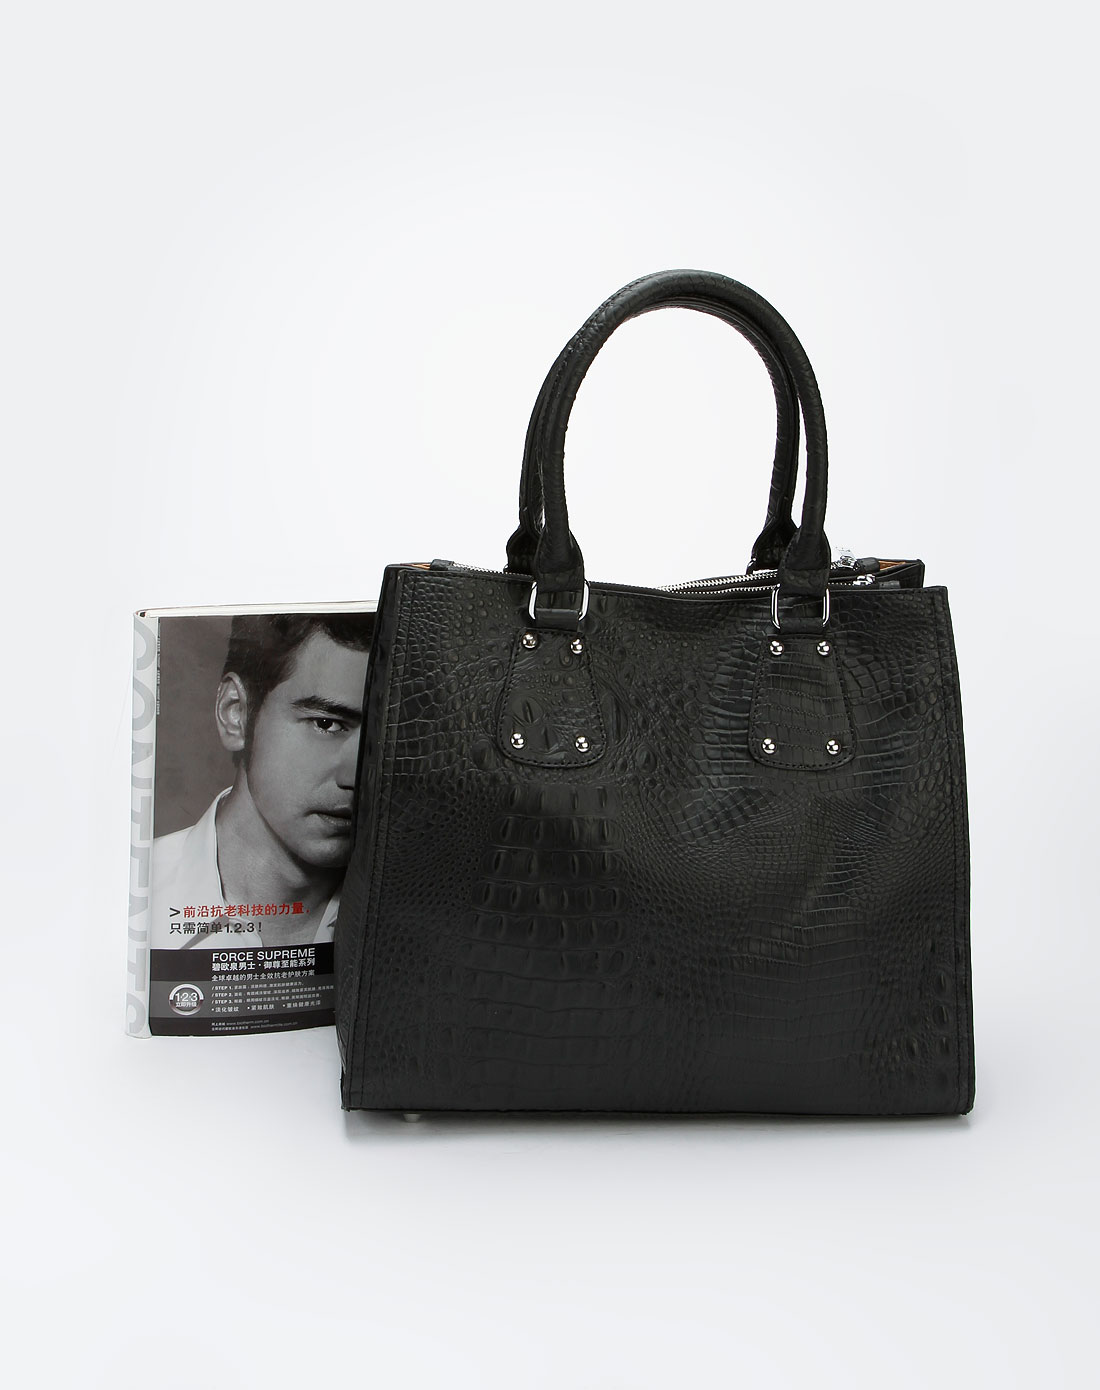 蜜丝罗妮marchiori黑色鳄鱼纹pu手袋30131060-0001